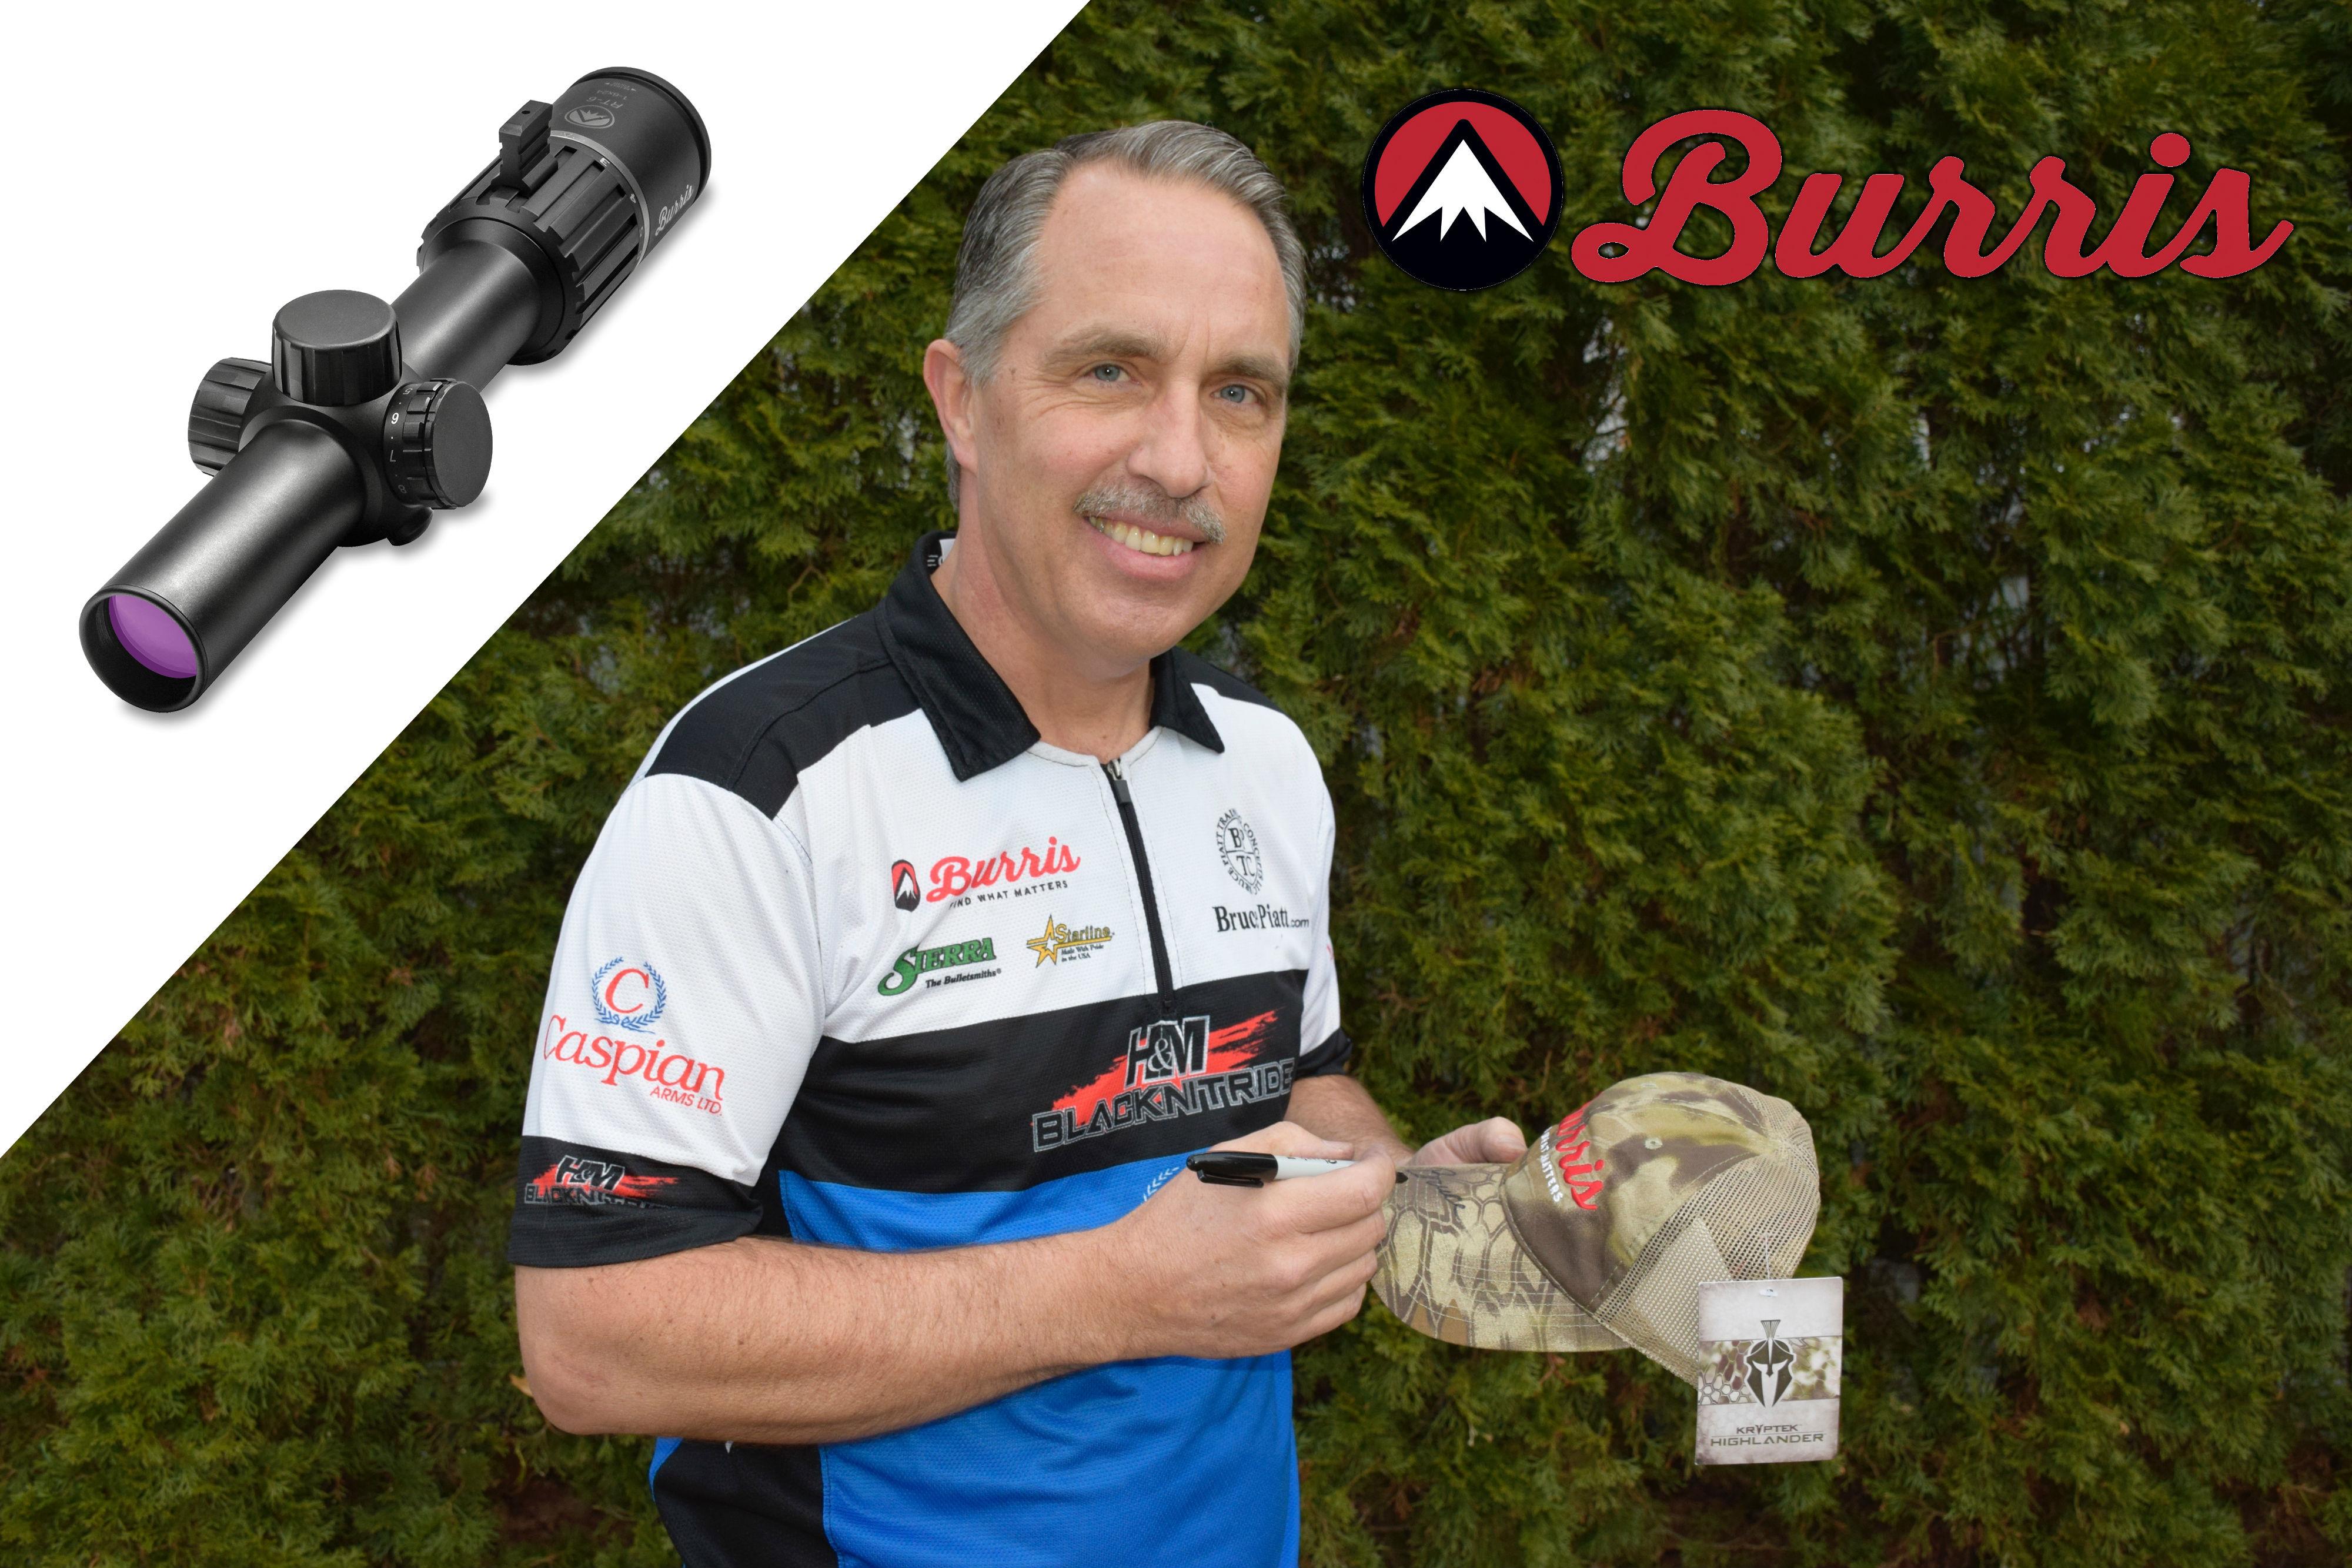 Burris Optics Bruce Piatt